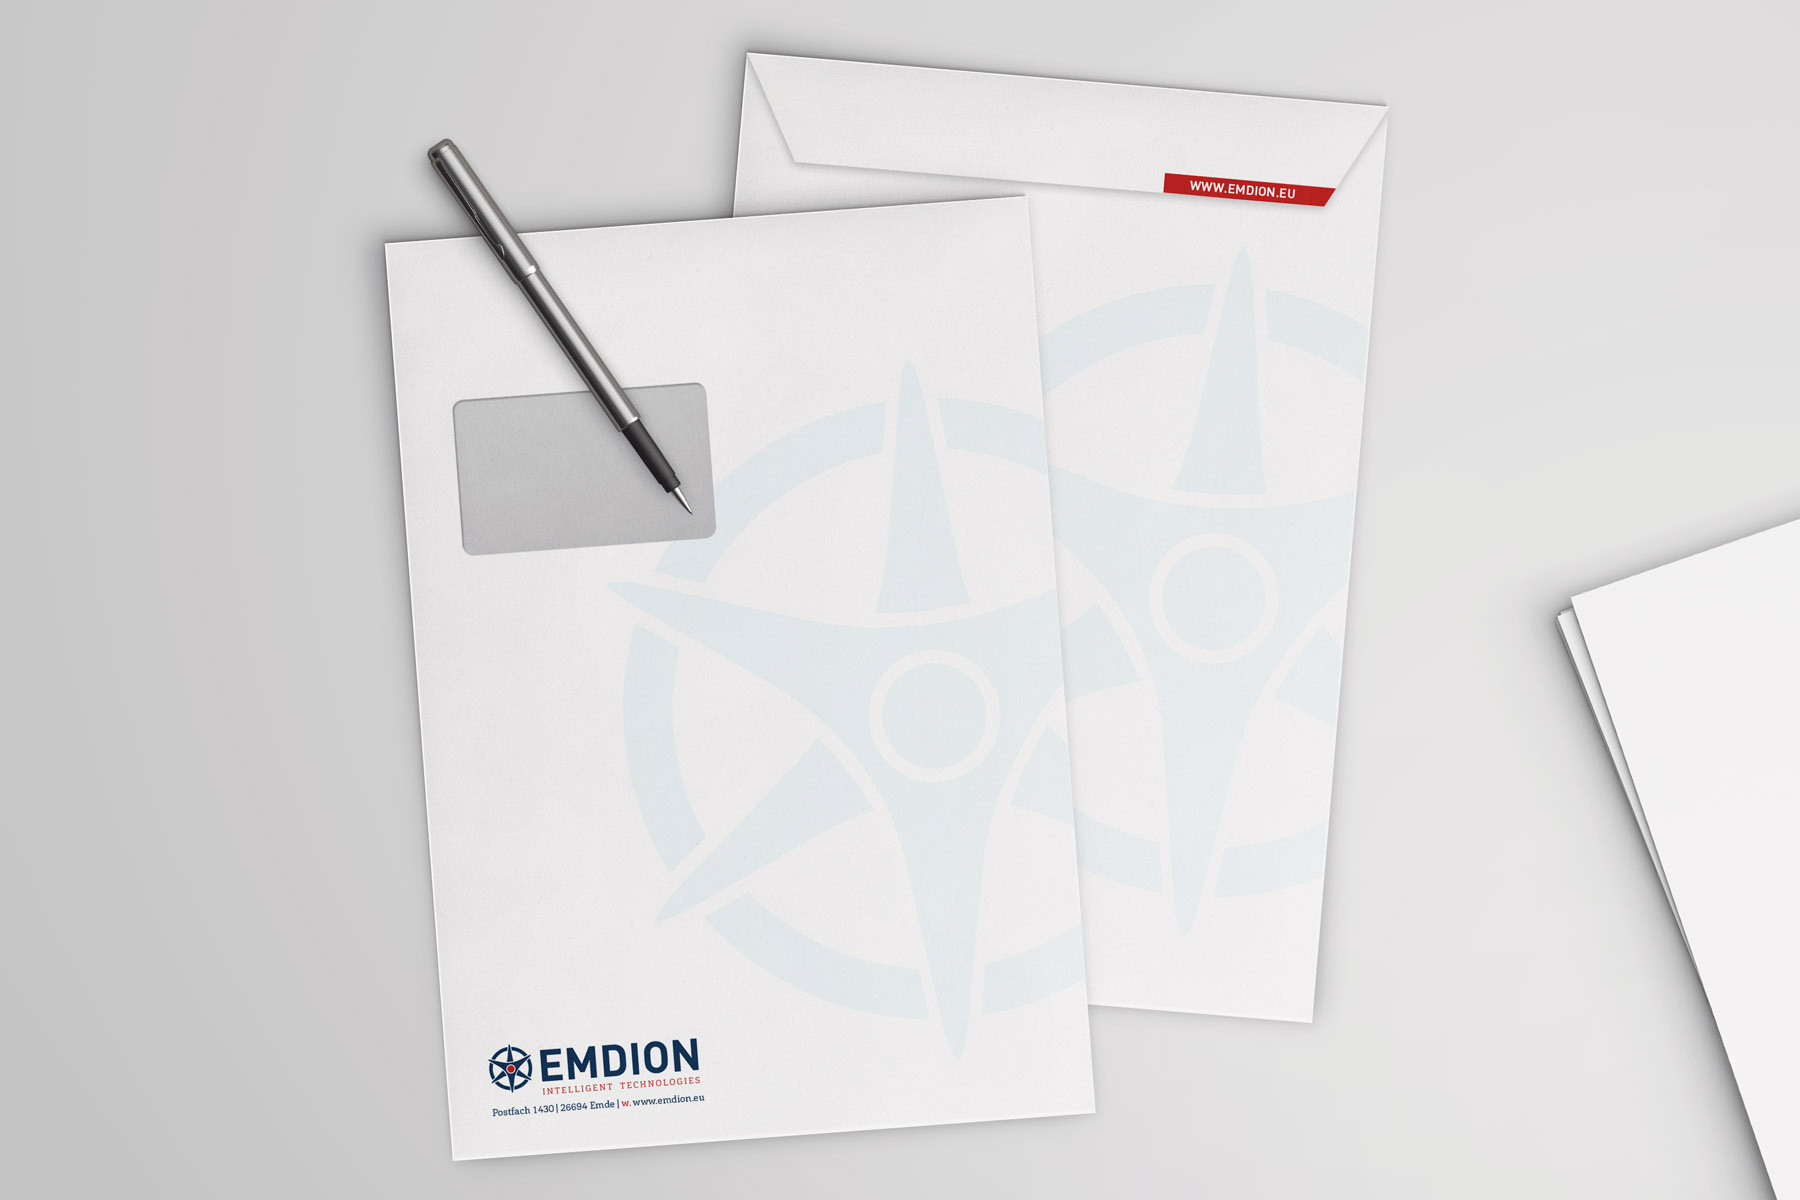 eh_referenzen_e_3 Projekt - Emdion